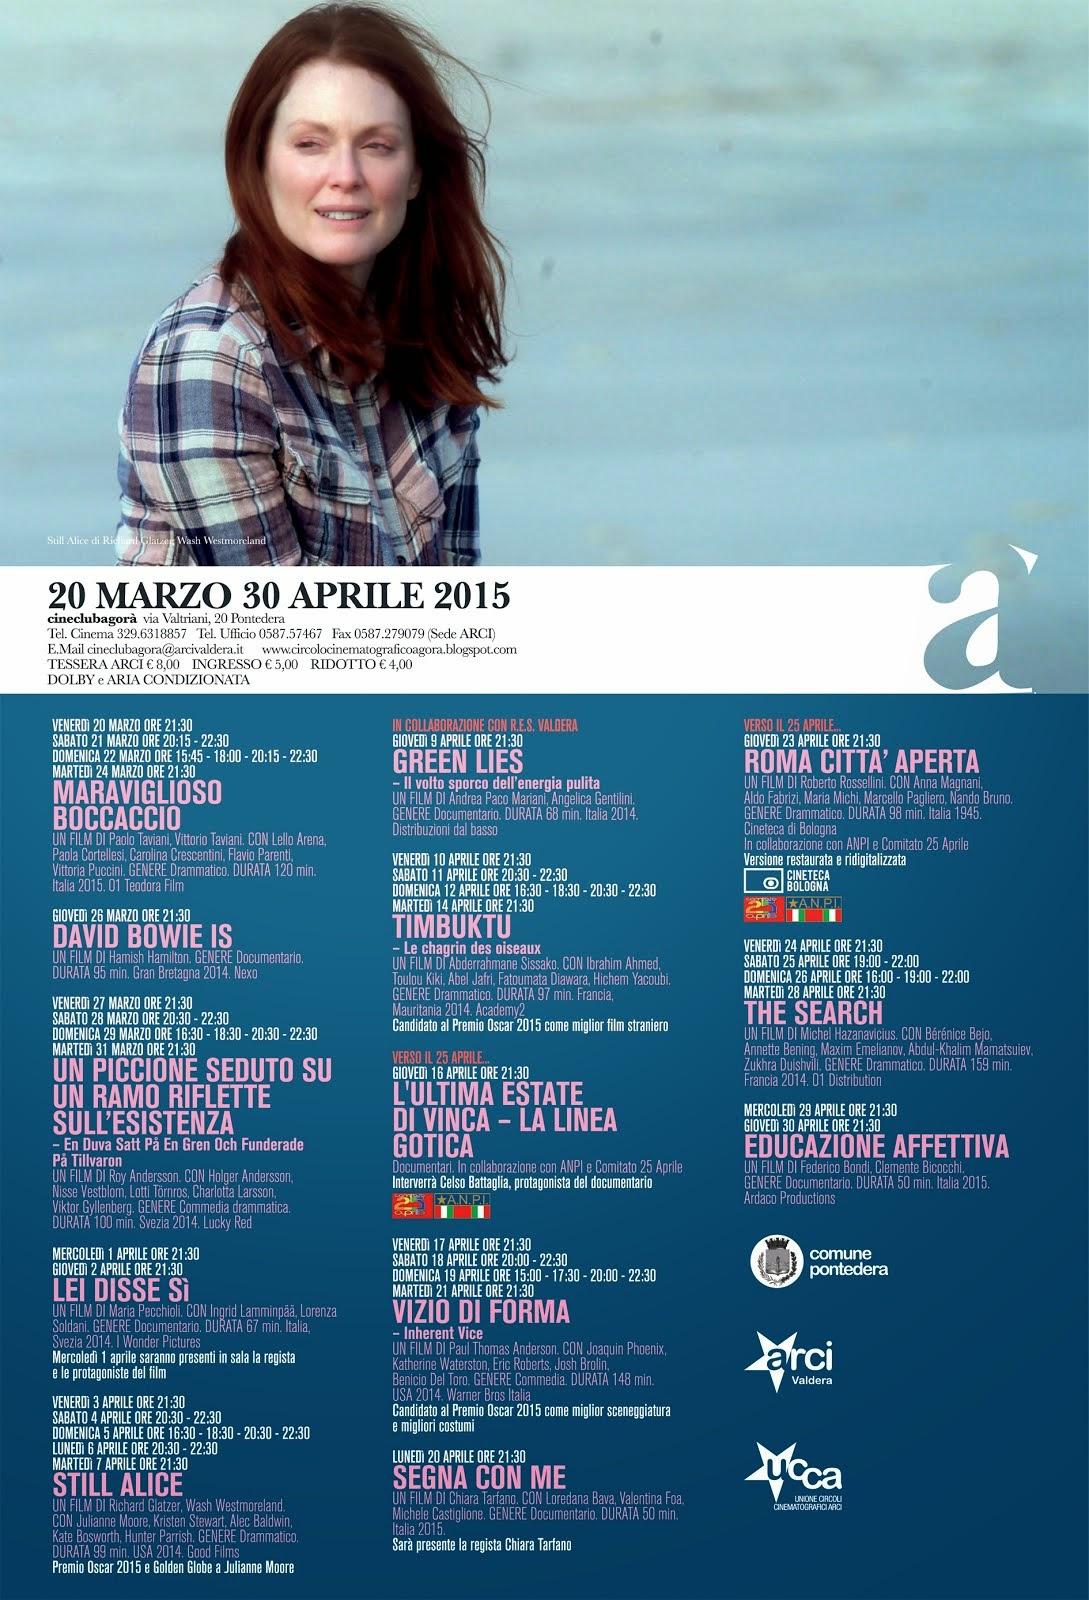 Programma dal 20 marzo al 30 aprile